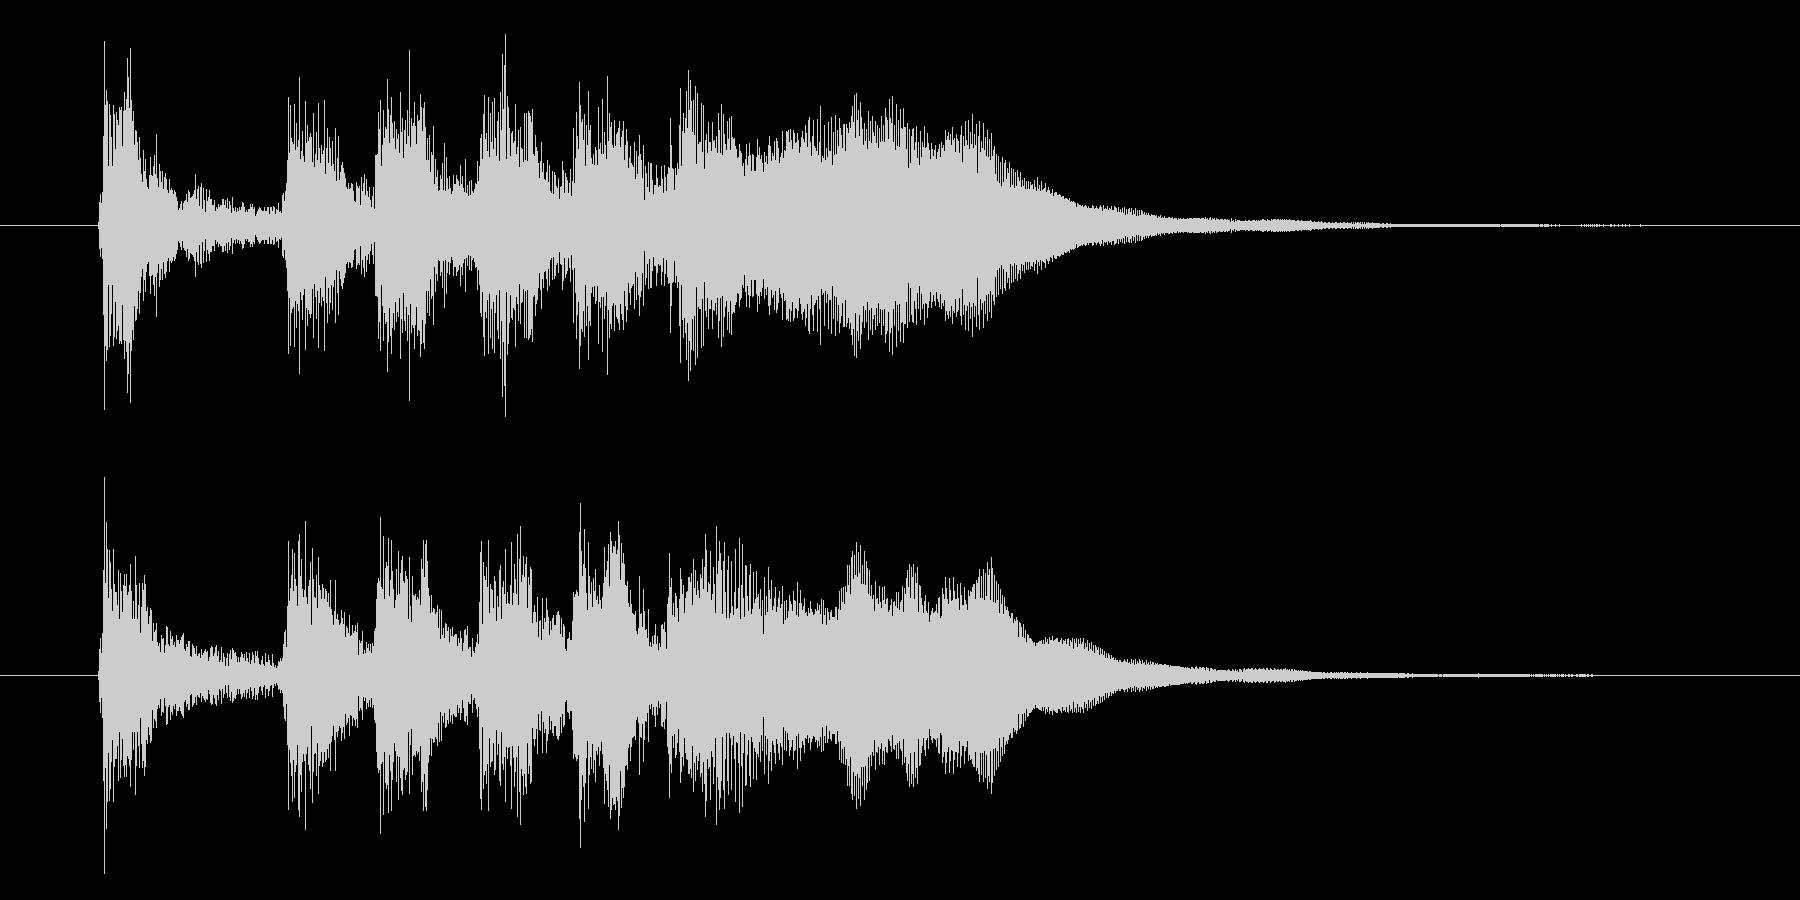 ファンファーレ(パッパパパパパーン♪)の未再生の波形